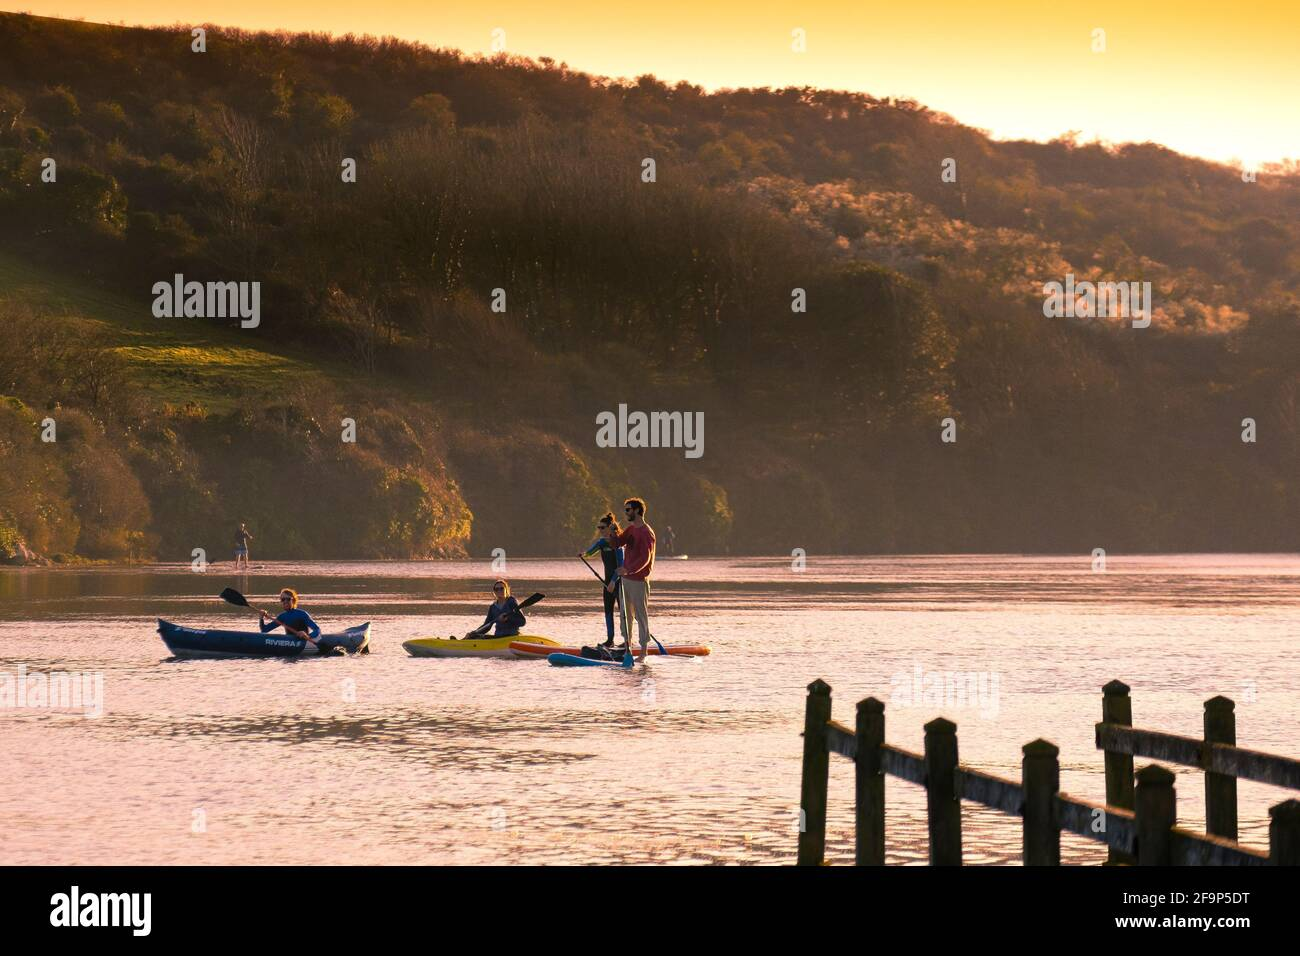 Les gens pagayent sur la rivière Gannel dans des kayaks et sur des pagayboards à Newquay, en Cornouailles. Banque D'Images